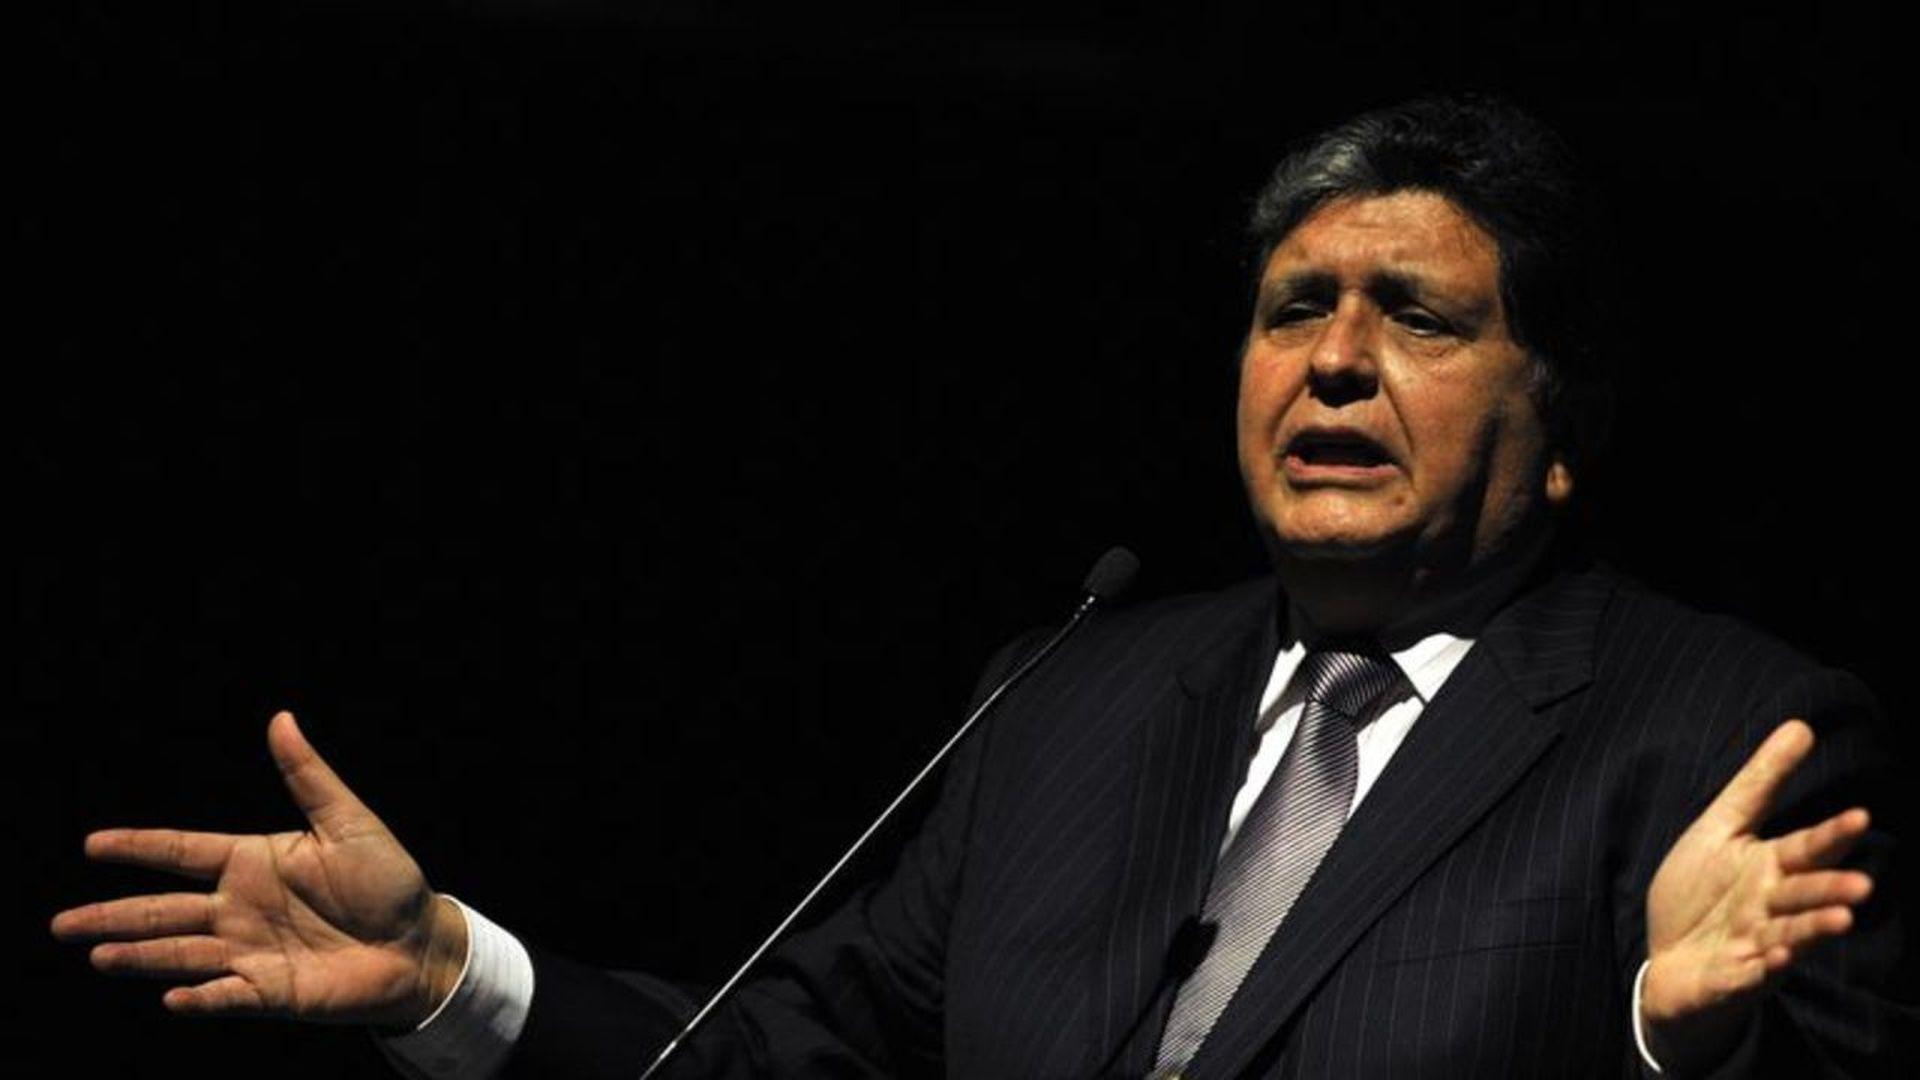 Peru's former President Alan García. LUIS ROBAYO/AFP/Getty Images